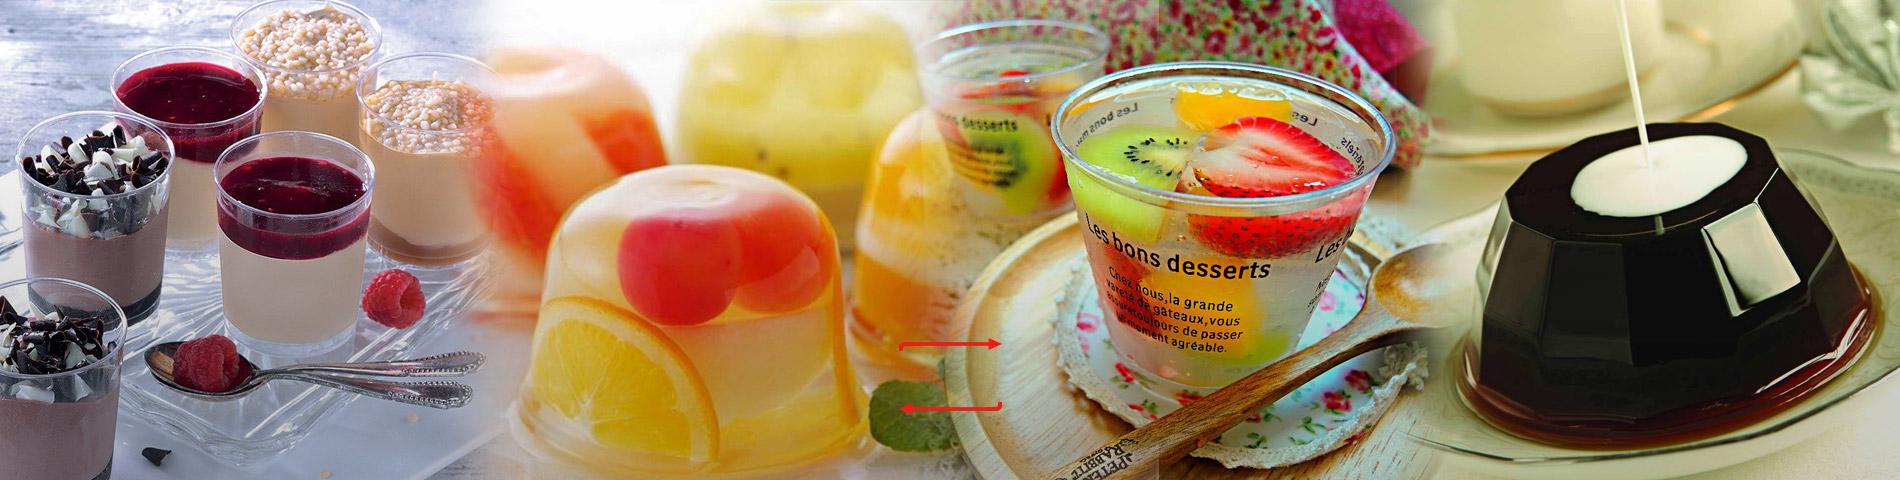 塑膠布丁甜點杯